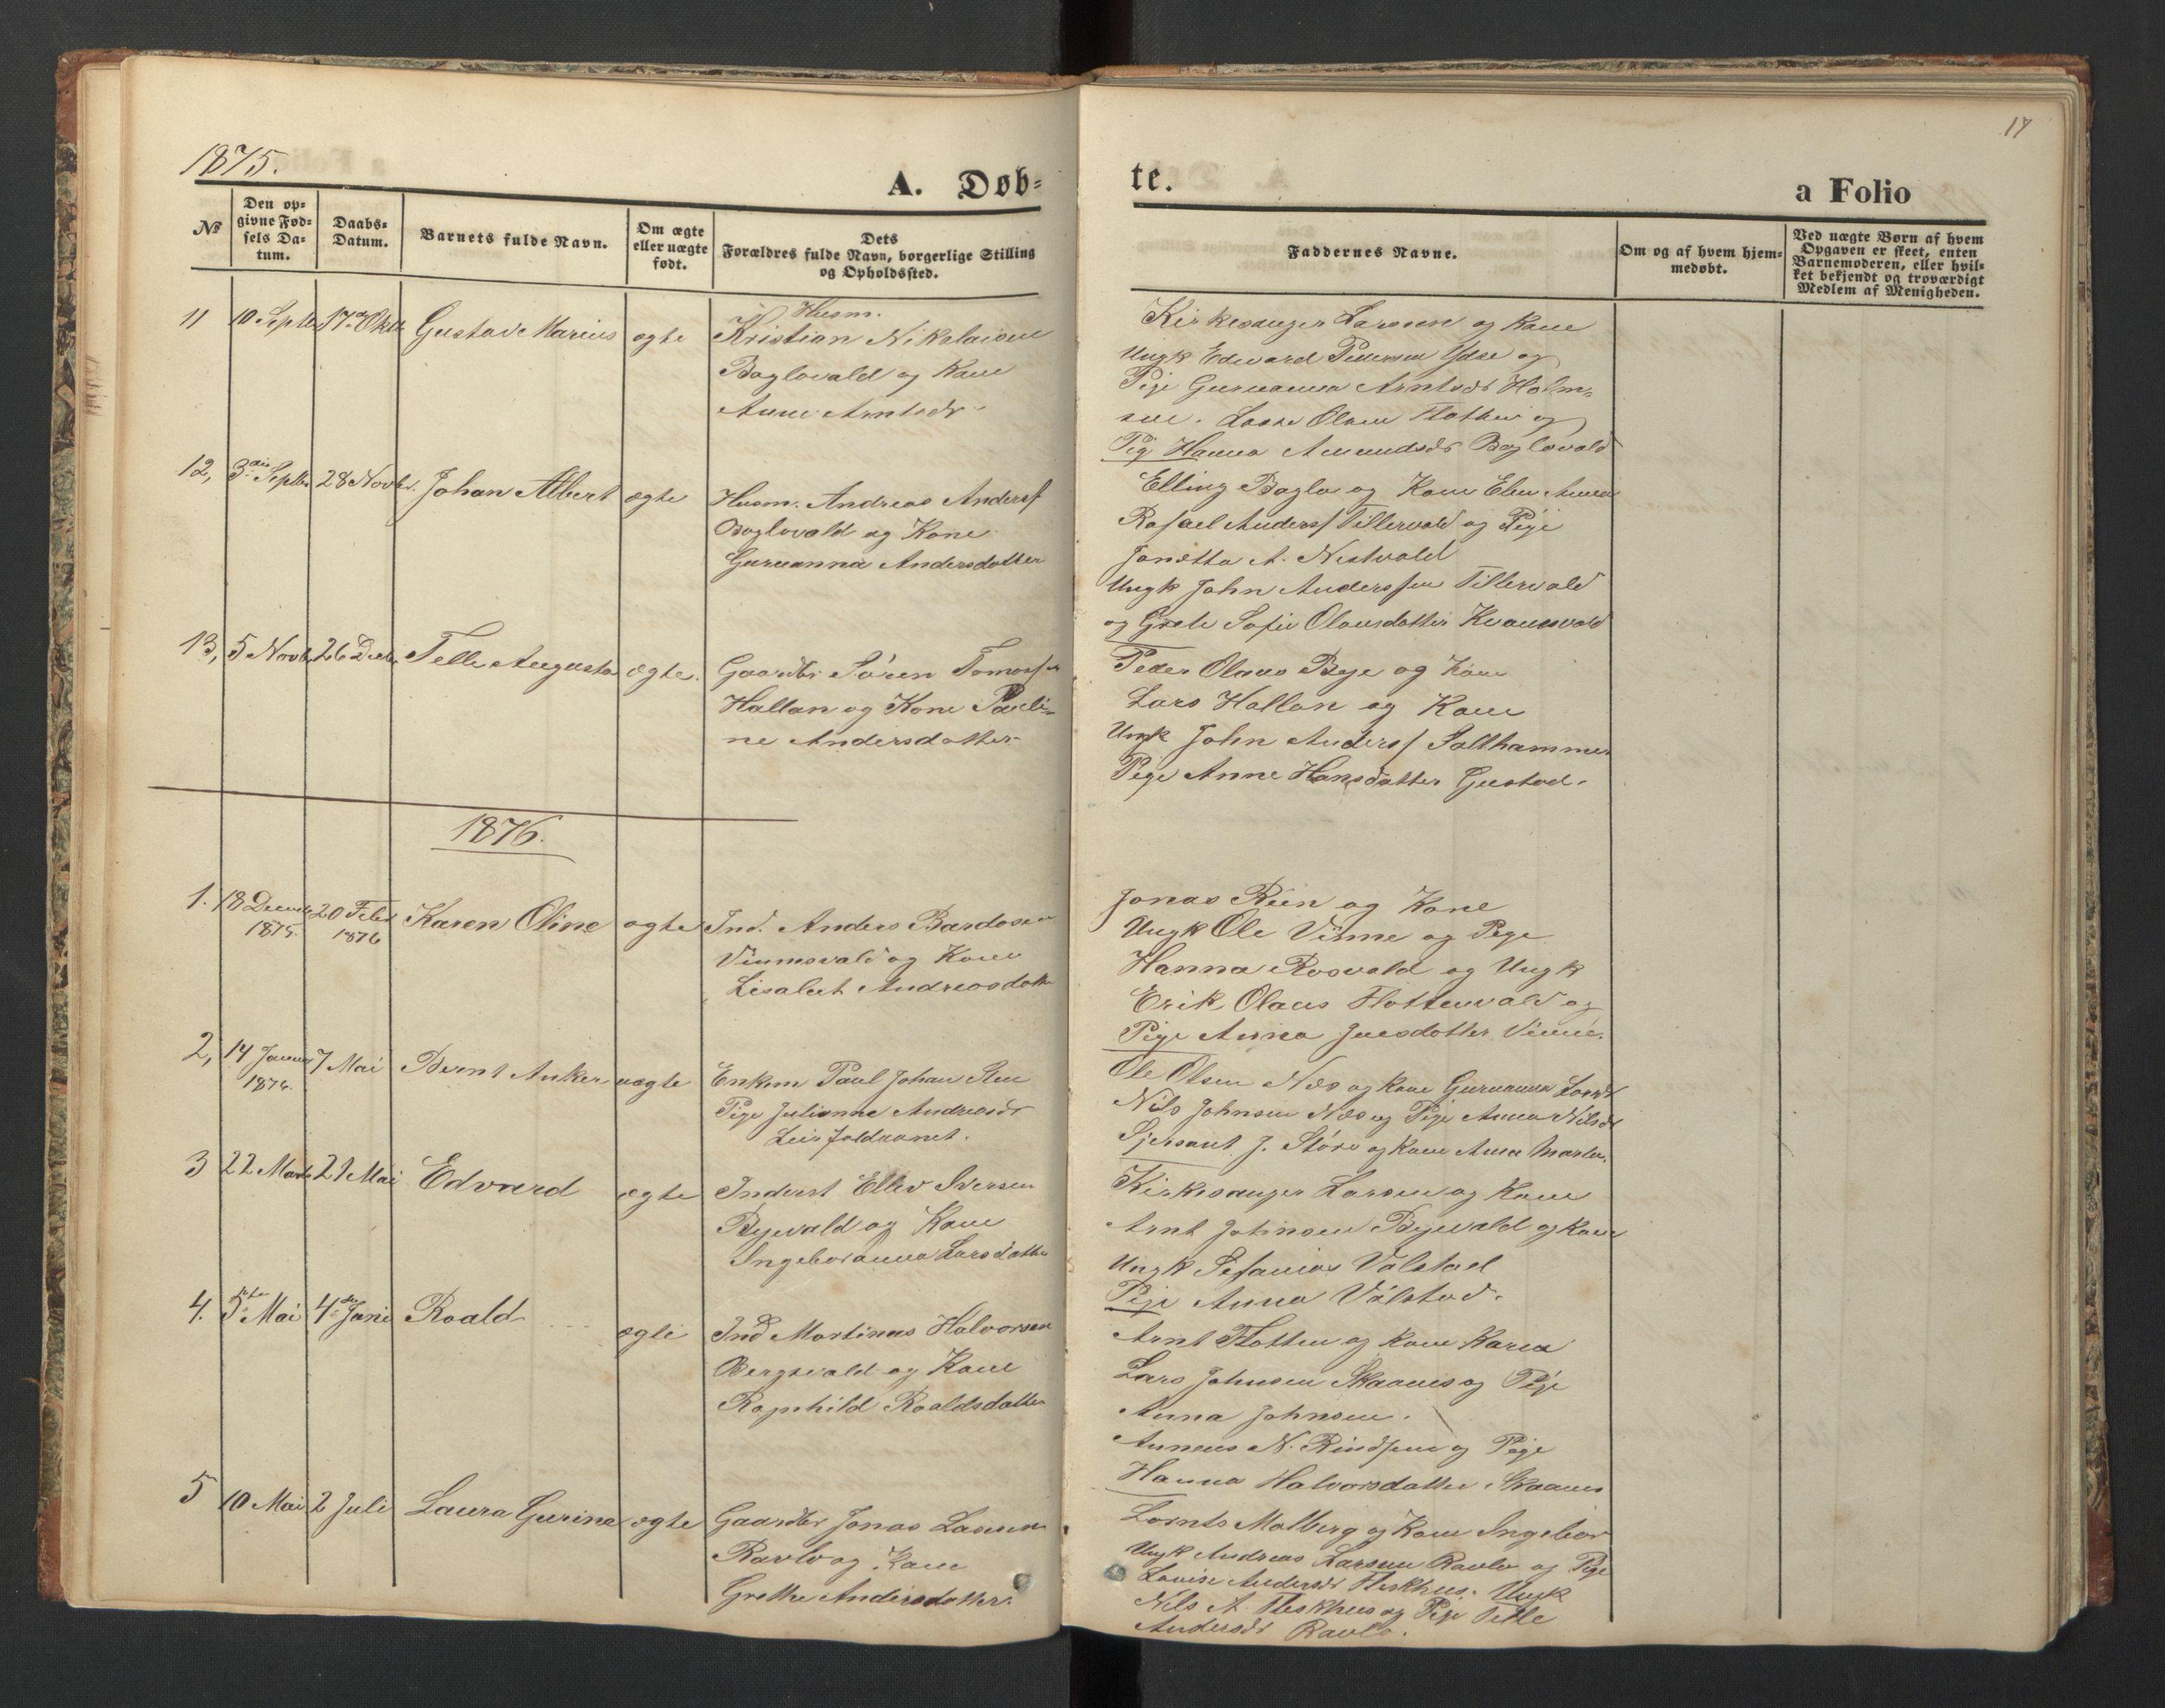 SAT, Ministerialprotokoller, klokkerbøker og fødselsregistre - Nord-Trøndelag, 726/L0271: Klokkerbok nr. 726C02, 1869-1897, s. 17